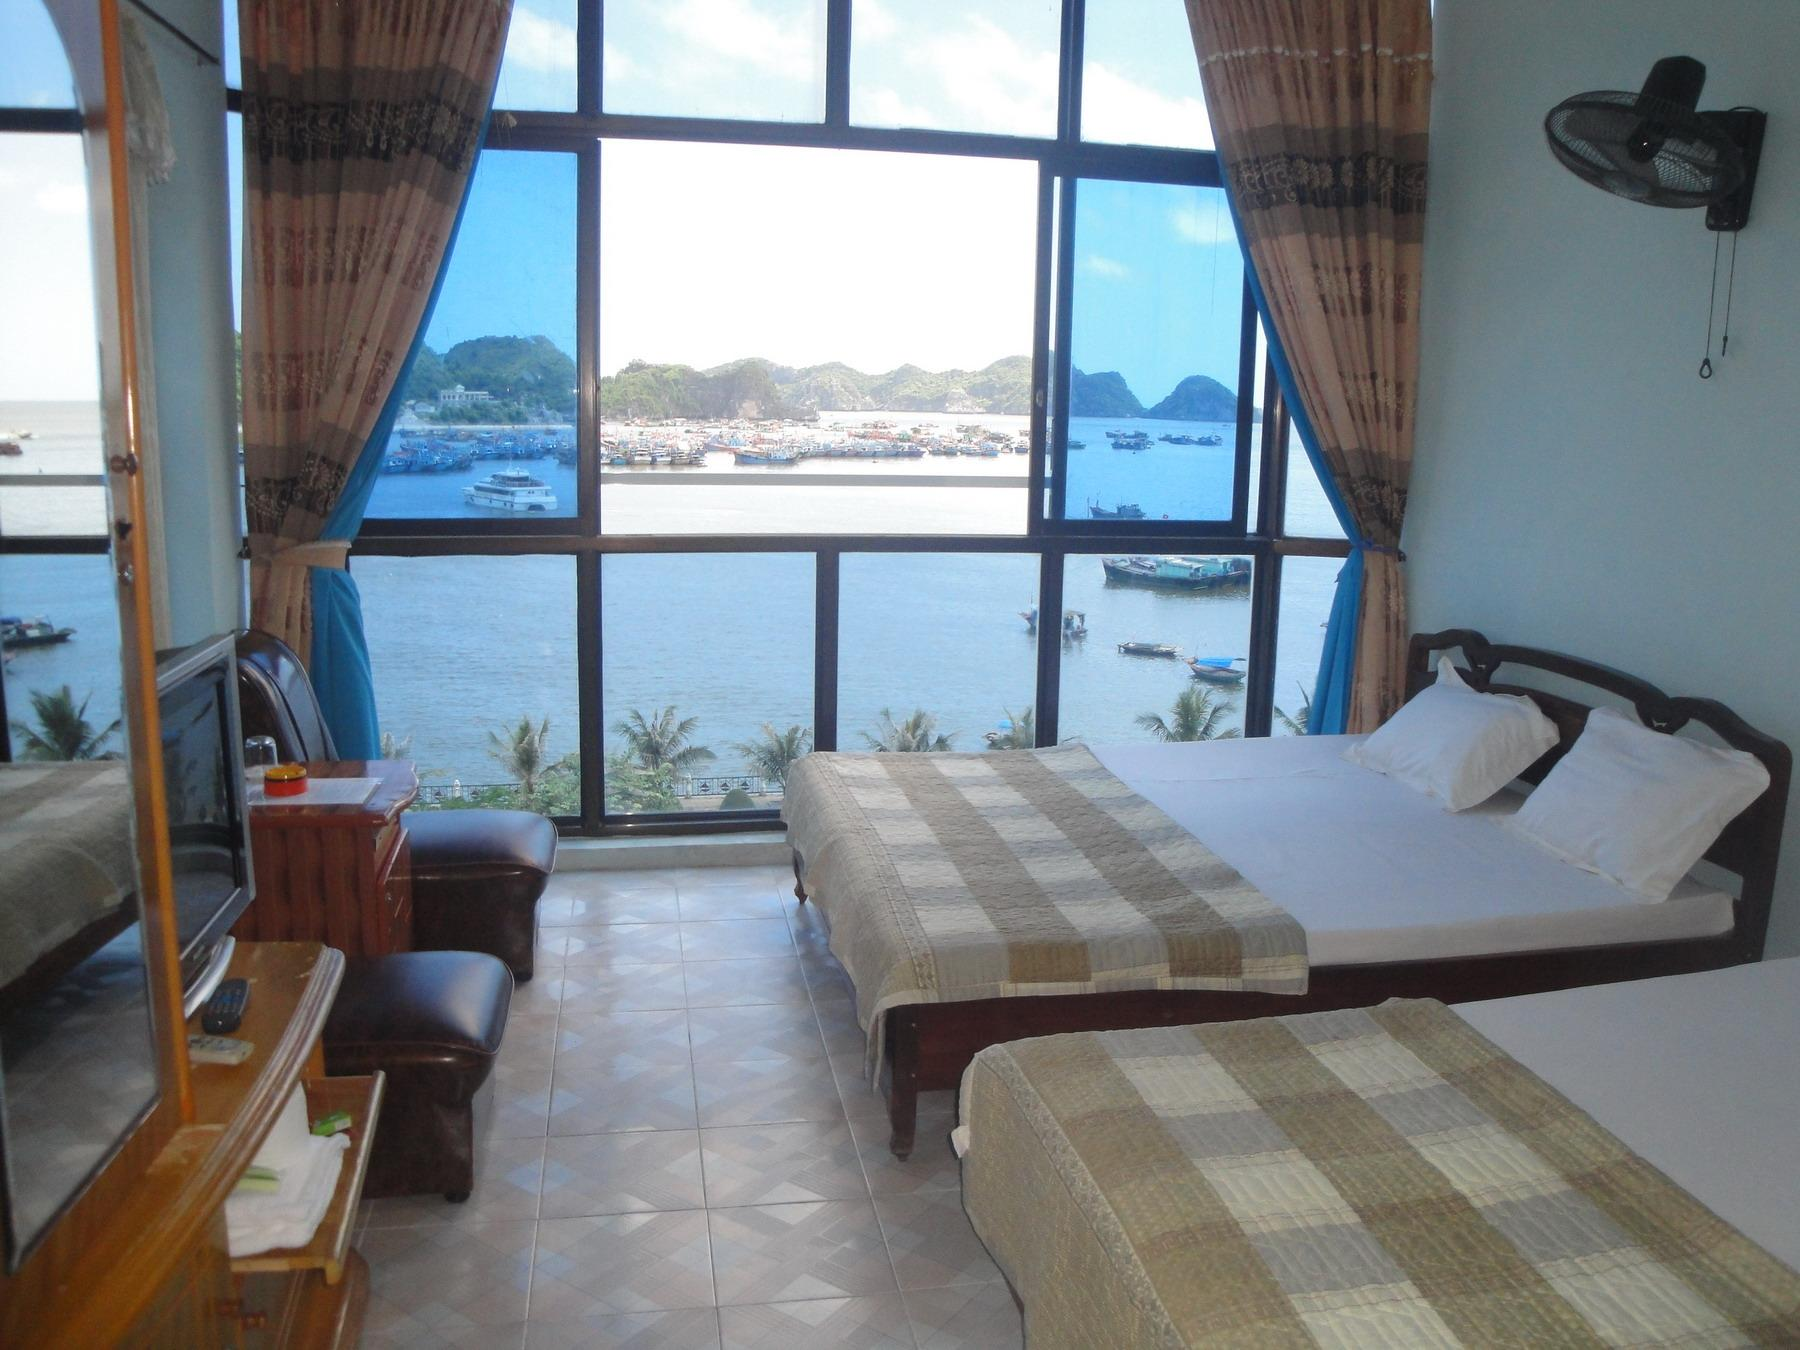 Phuong Mai Family Hotel - Hotell och Boende i Vietnam , Cat Ba Island